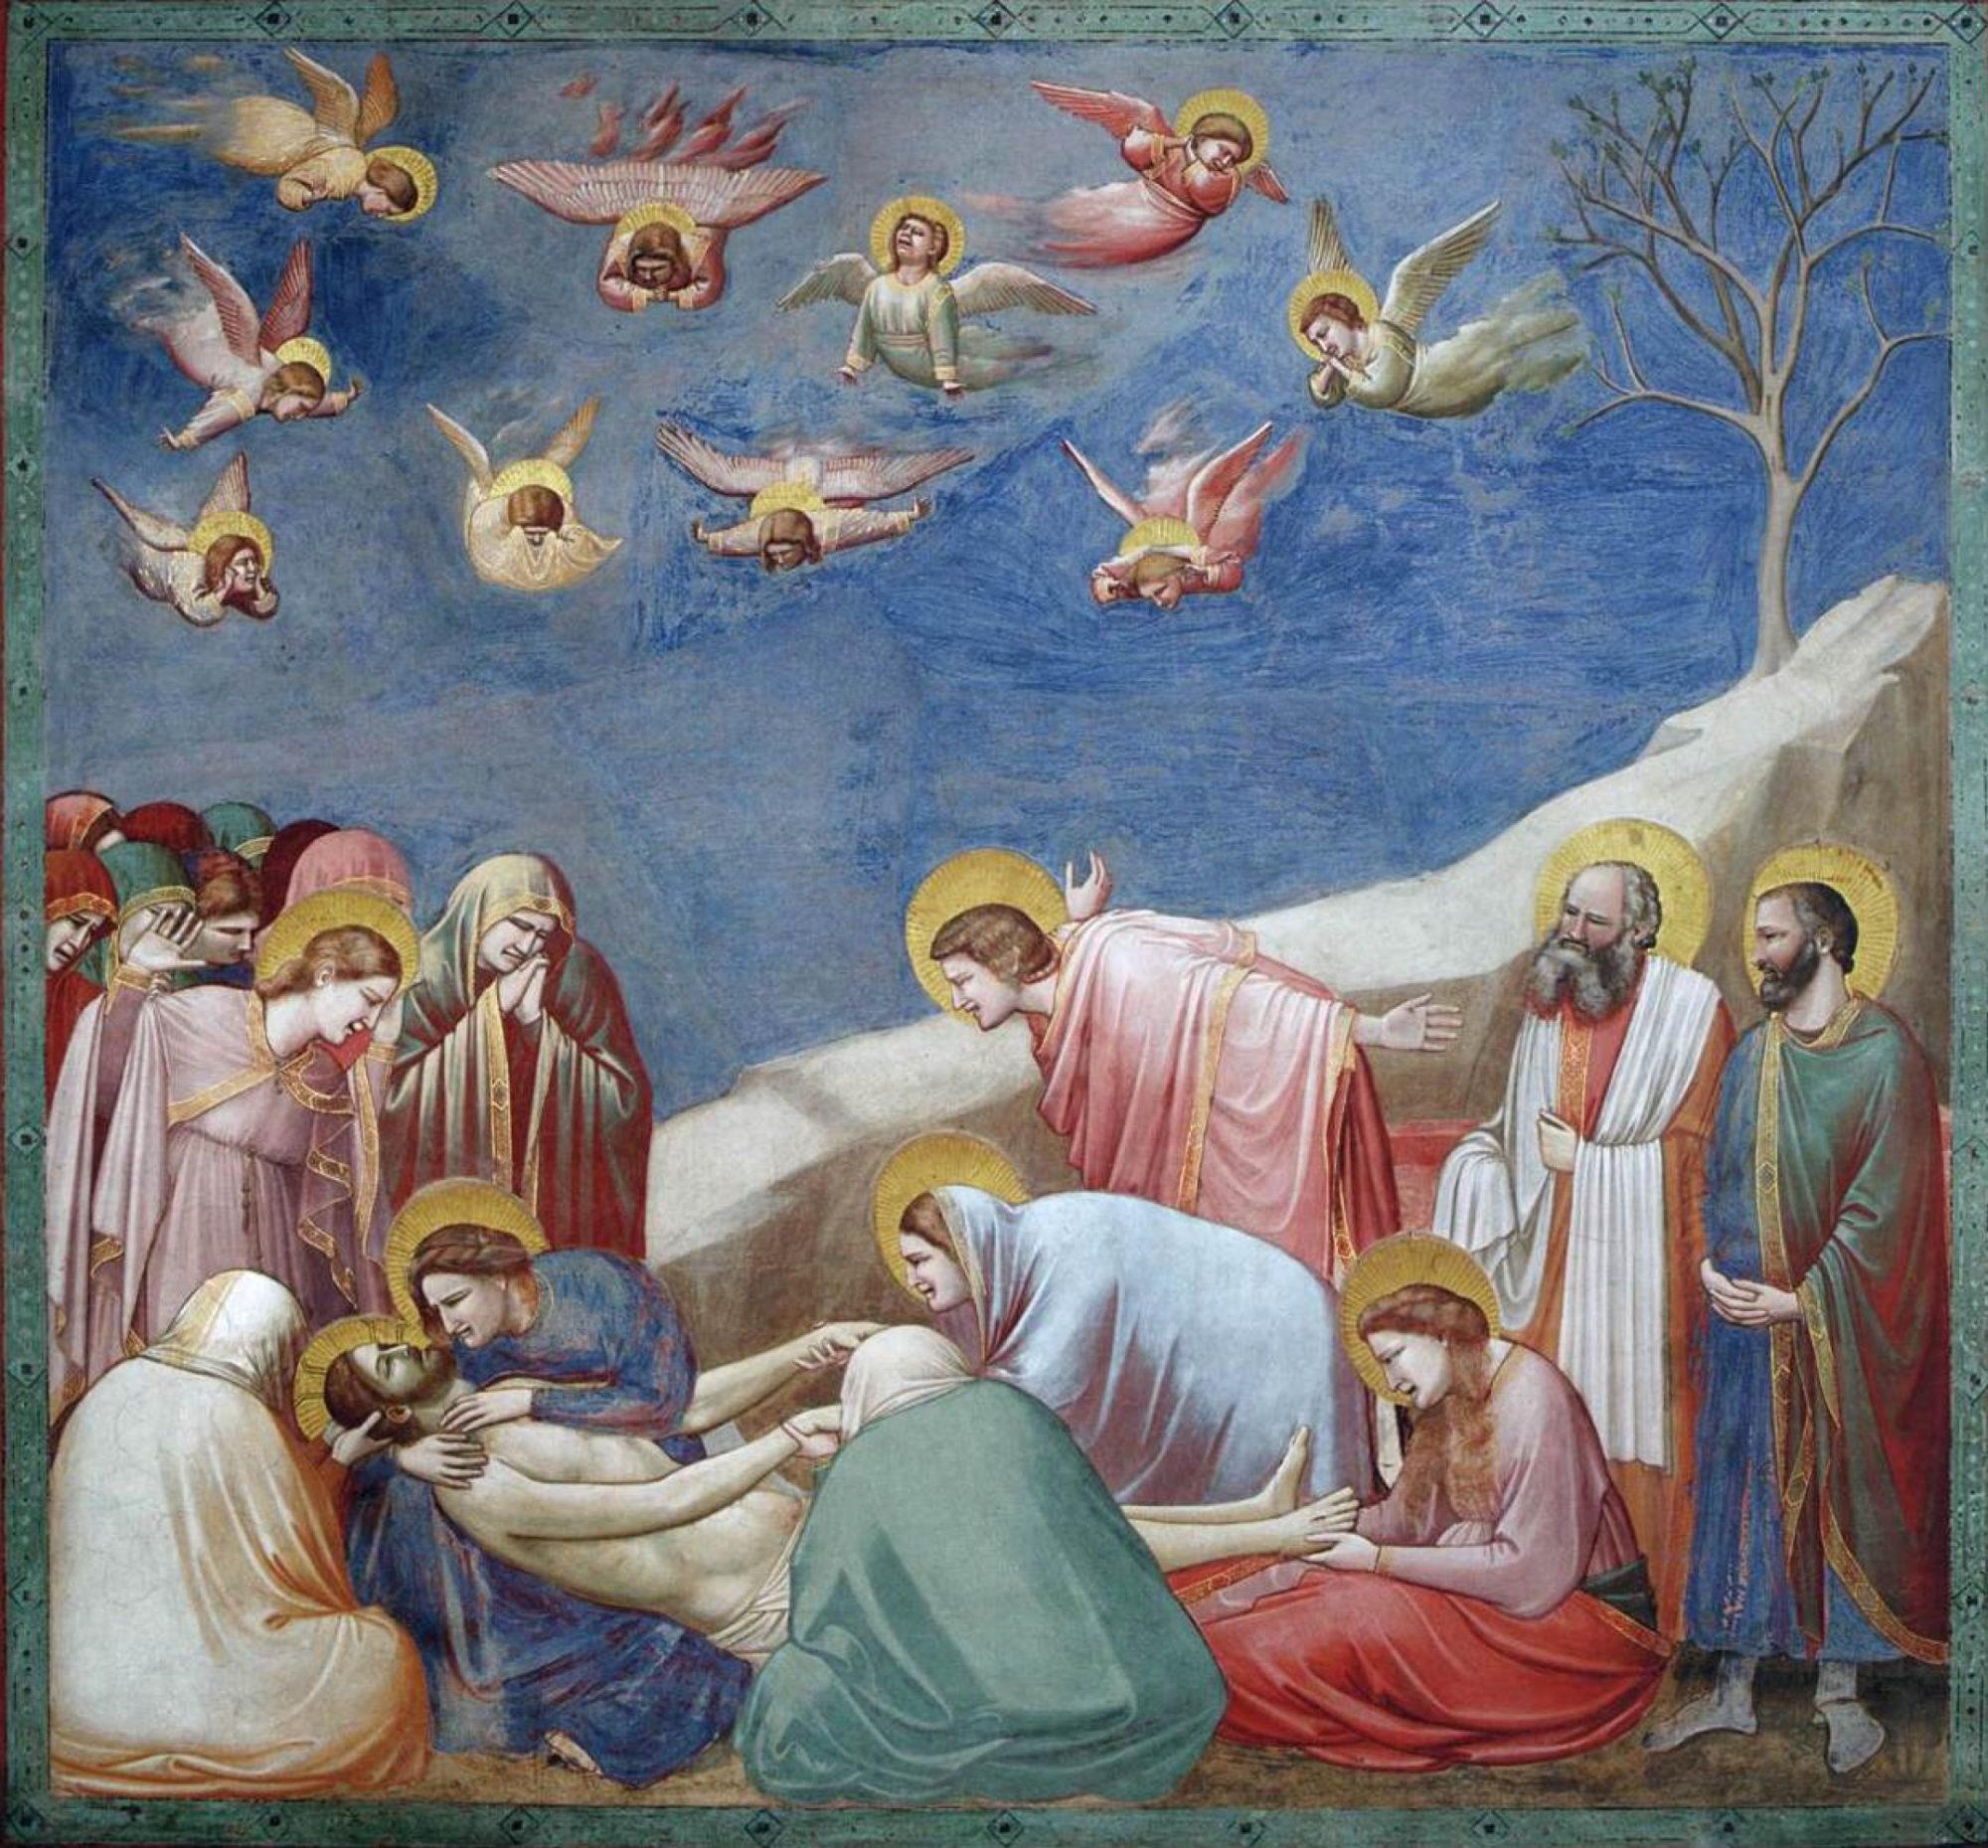 Джотто ди Бондоне, 1306 год, картина «Оплакивание Христа. Сцены из жизни Христа».